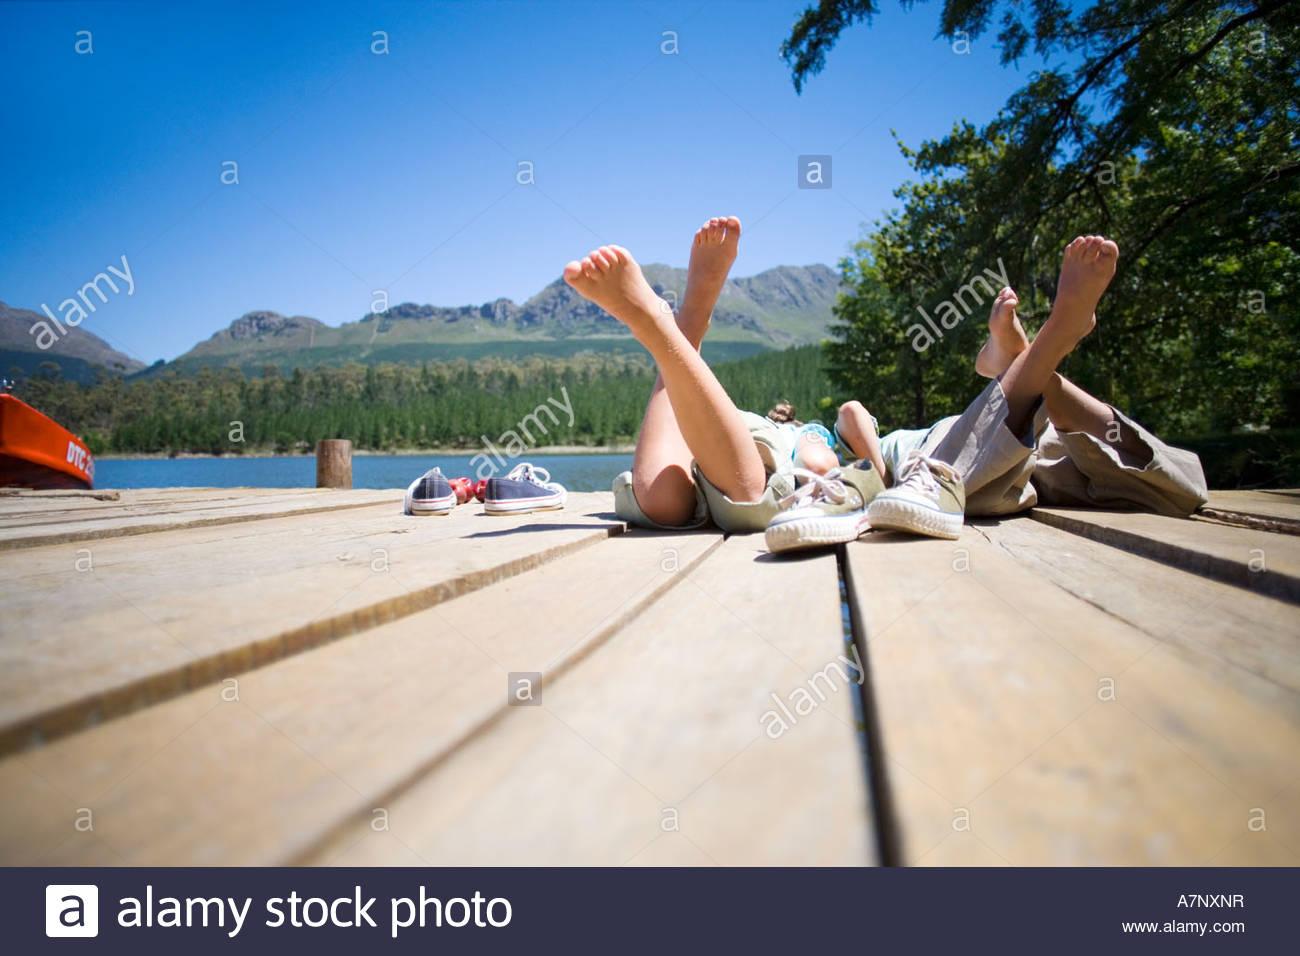 Un ragazzo e una ragazza 7 10 affiancati sul lago jetty scarpe fuori vista posteriore a livello della superficie Immagini Stock